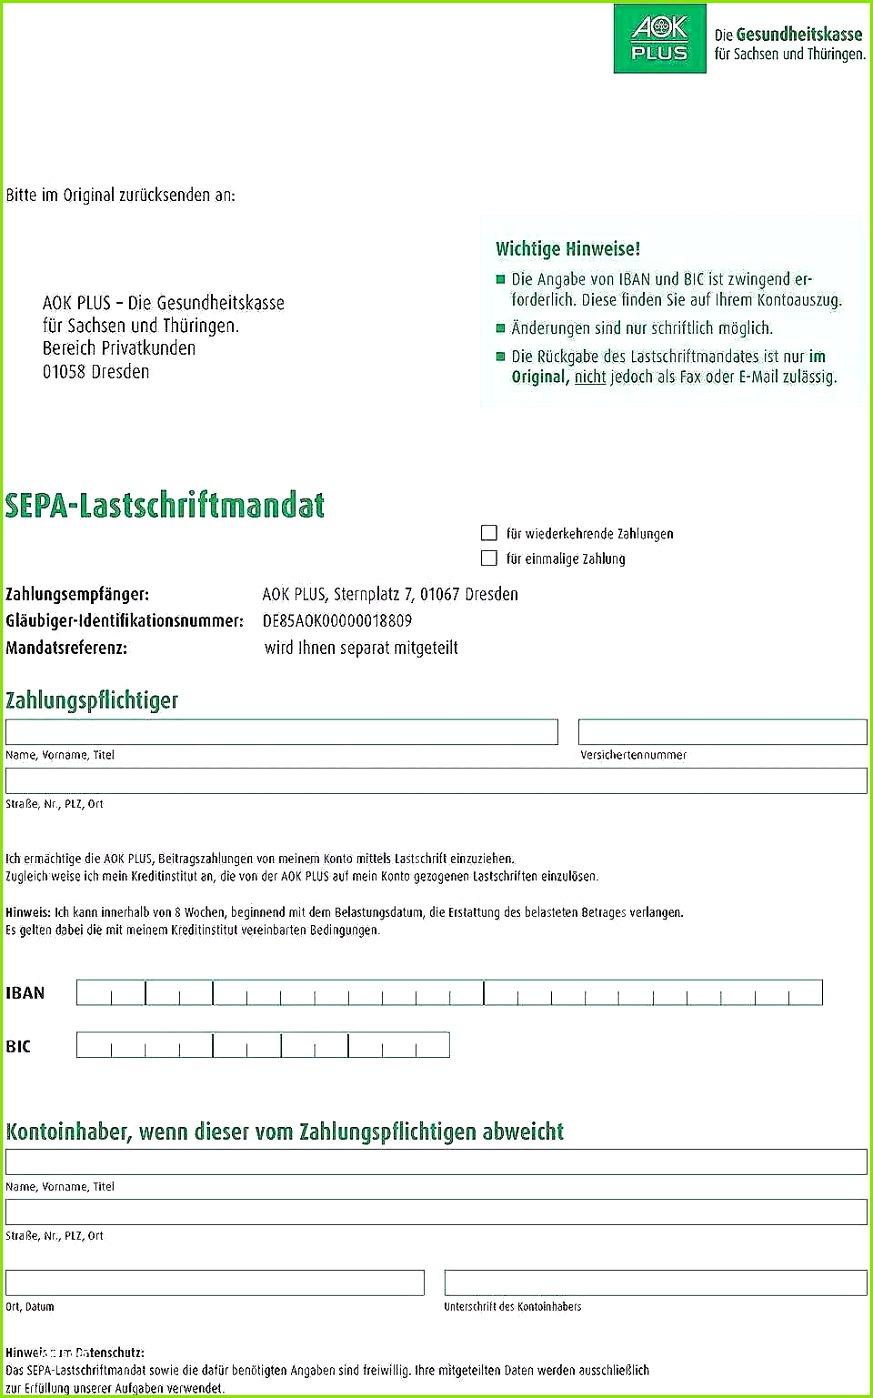 Versicherungsbescheinigung Zur Vorlage Bei Der Hochschule Aok Großen Ich Beantrage Kranken Und Pflegeversicherung Bei Der